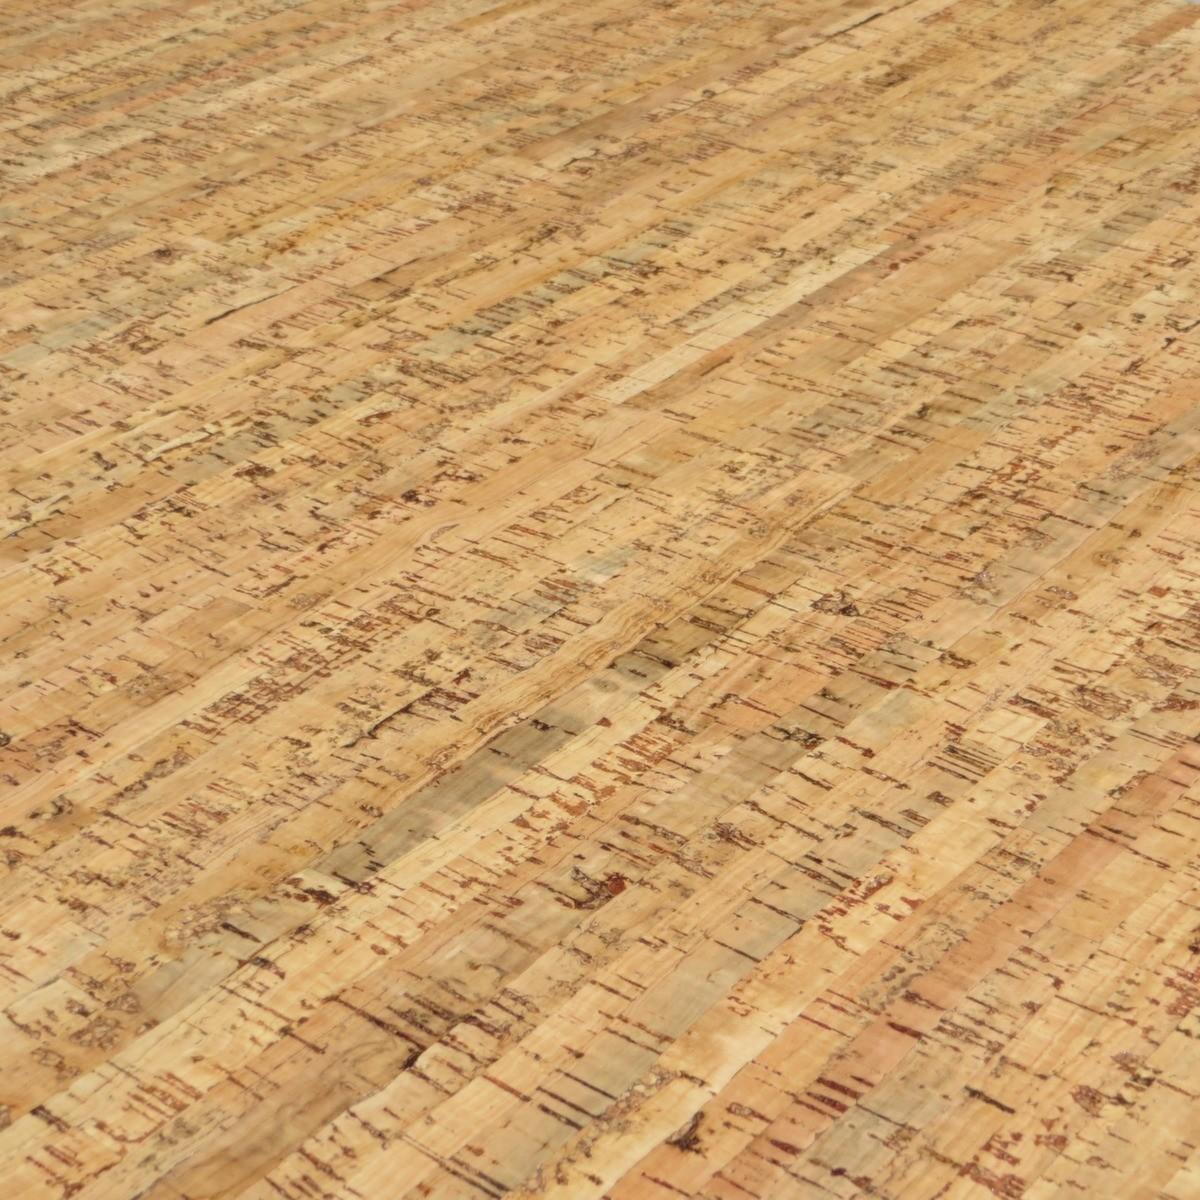 cork floors cork line art thumb hardwood flooring HCIUKYQ